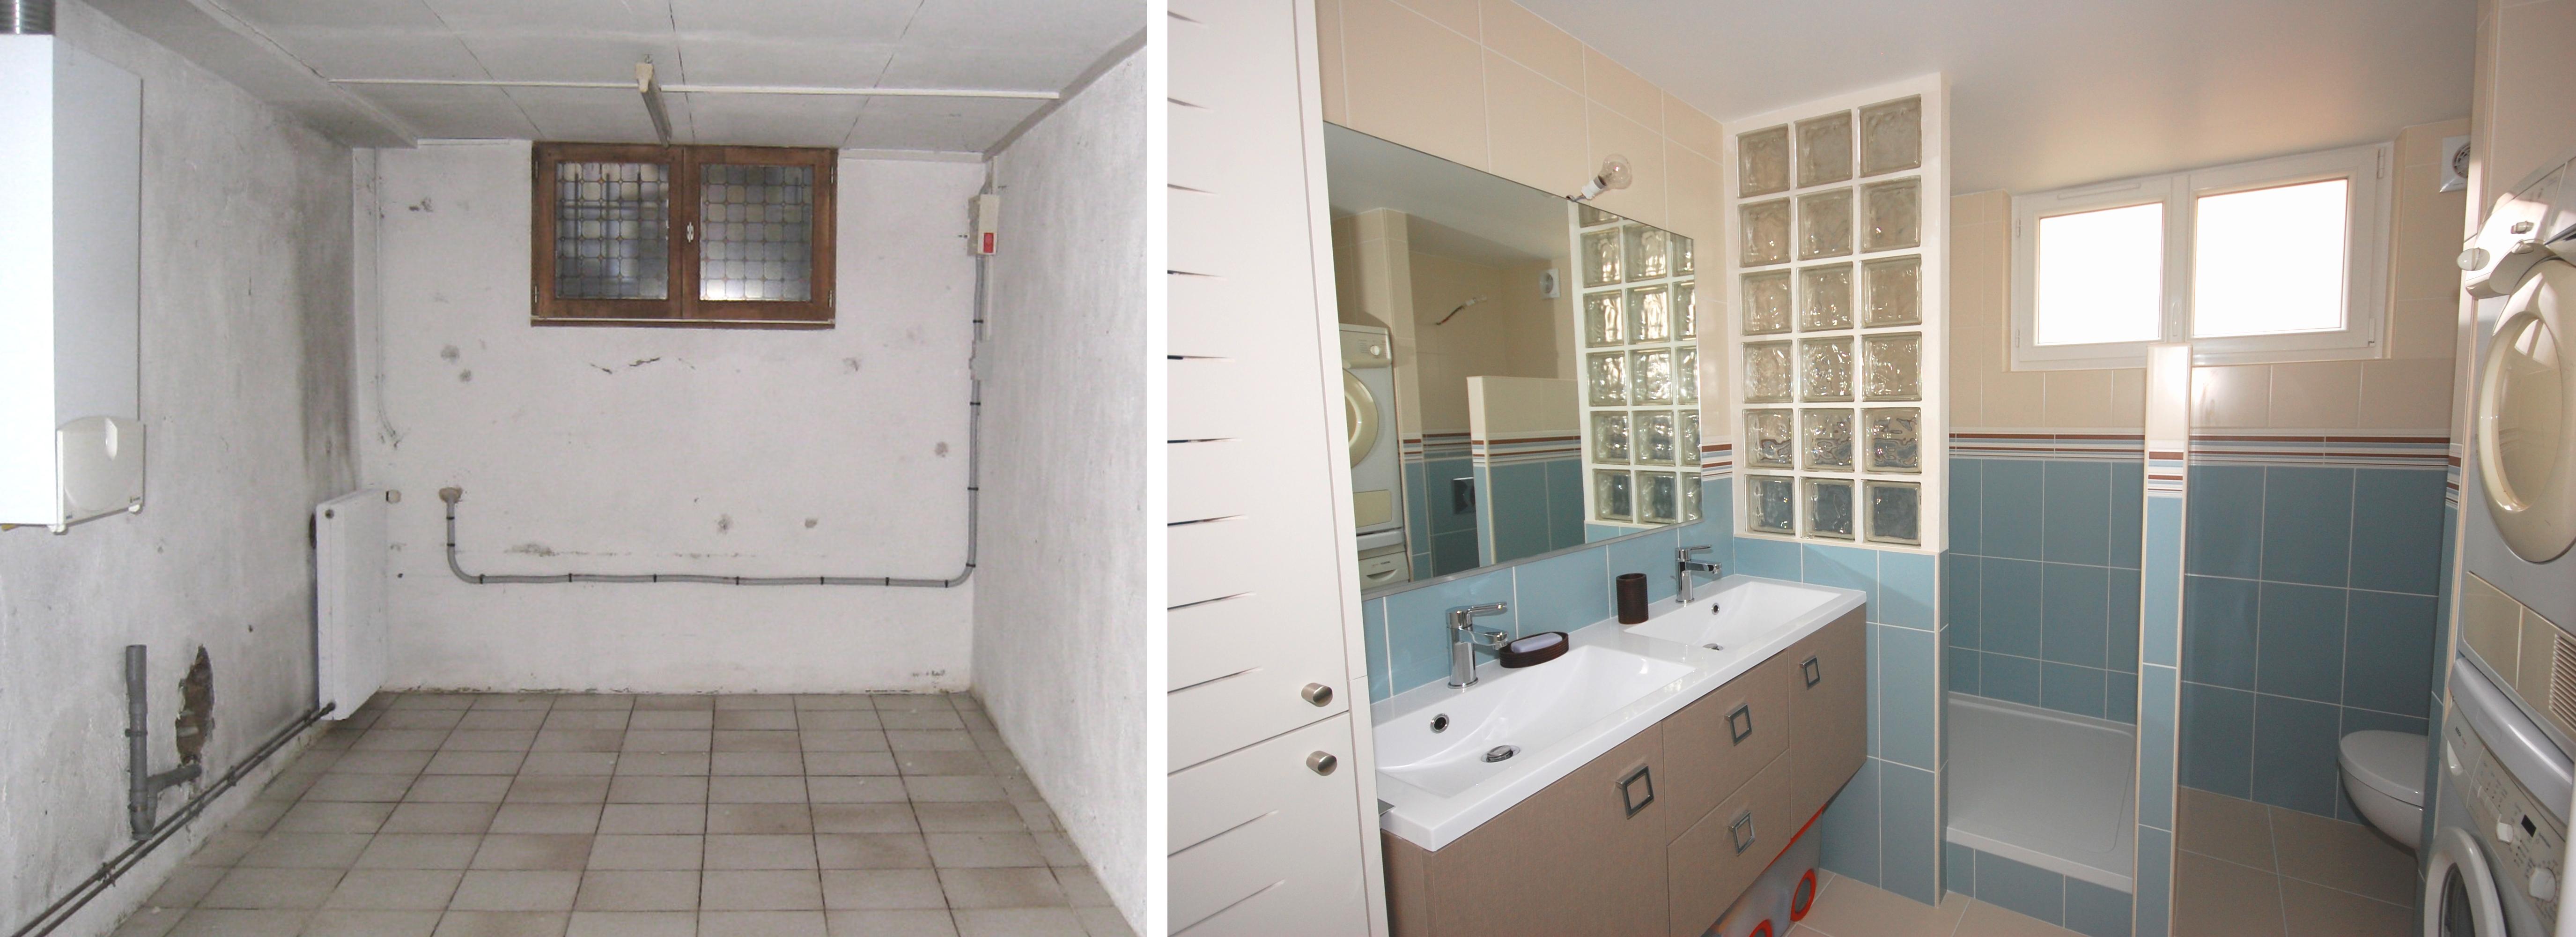 Salle de bain petite surface solutions pour une petite for Amenagement salle de bain finistere